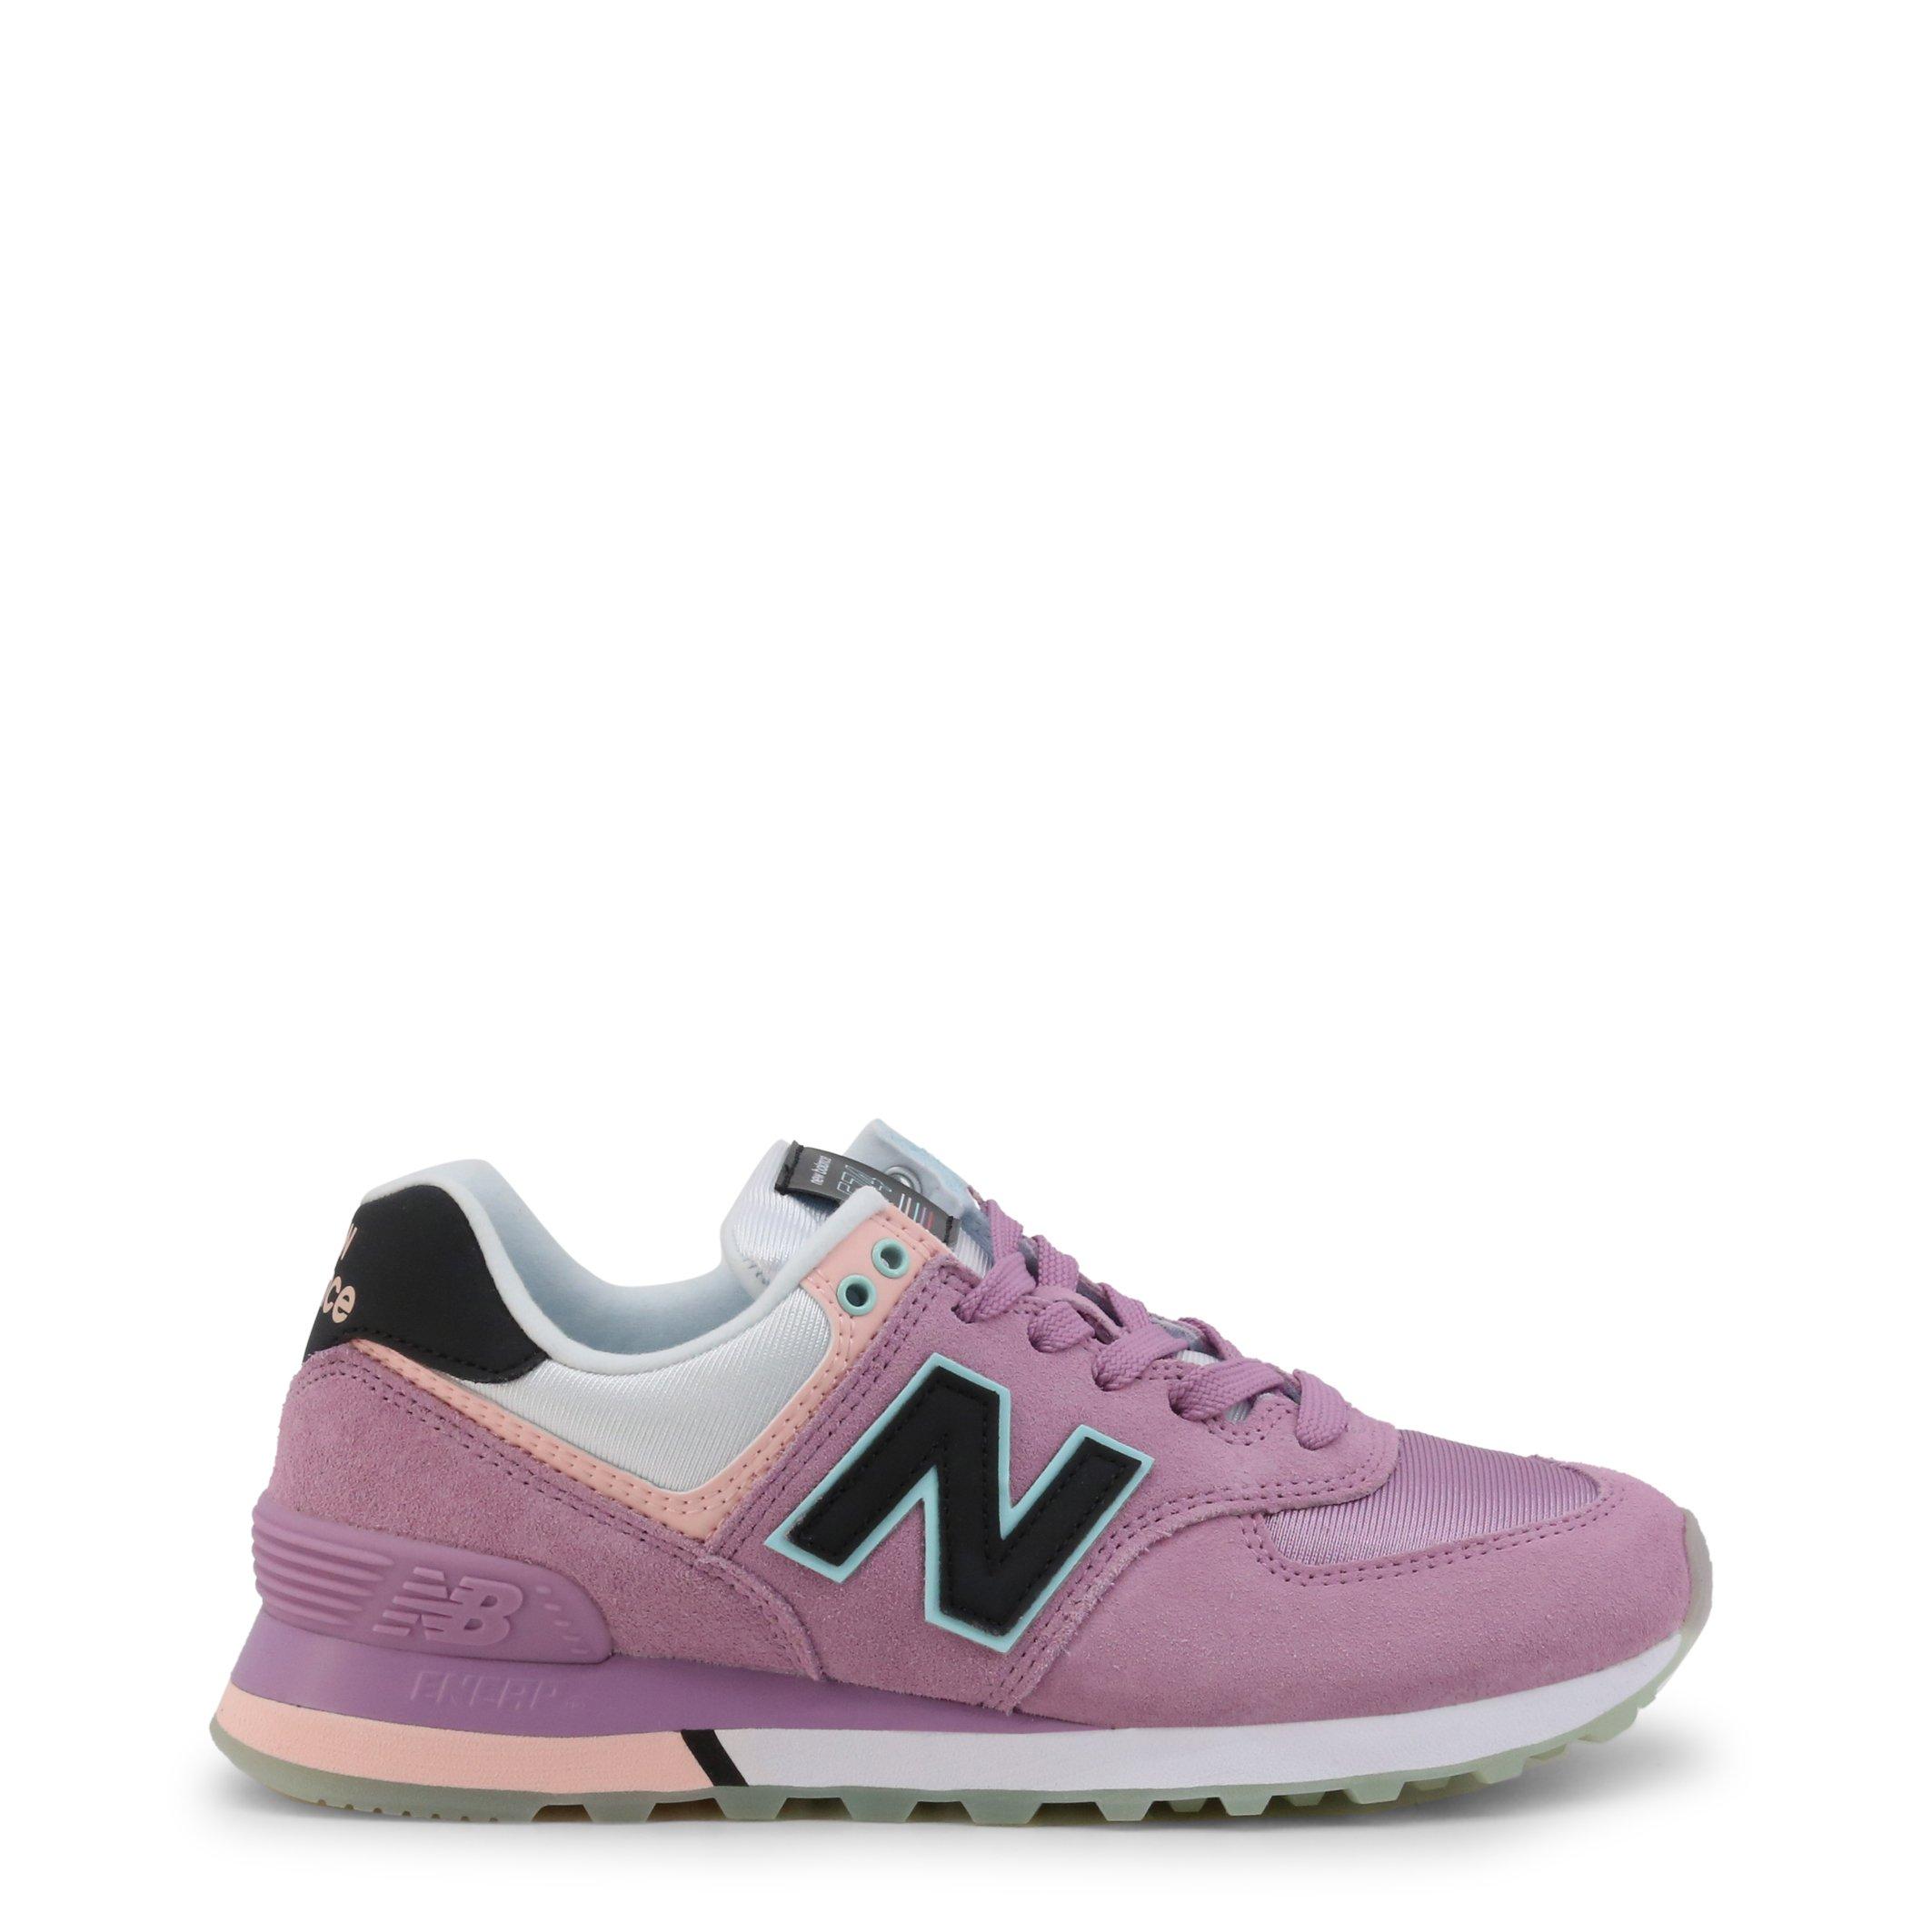 New Balance Women's Trainer Various Colours WL574SK2 - violet-1 EU 38